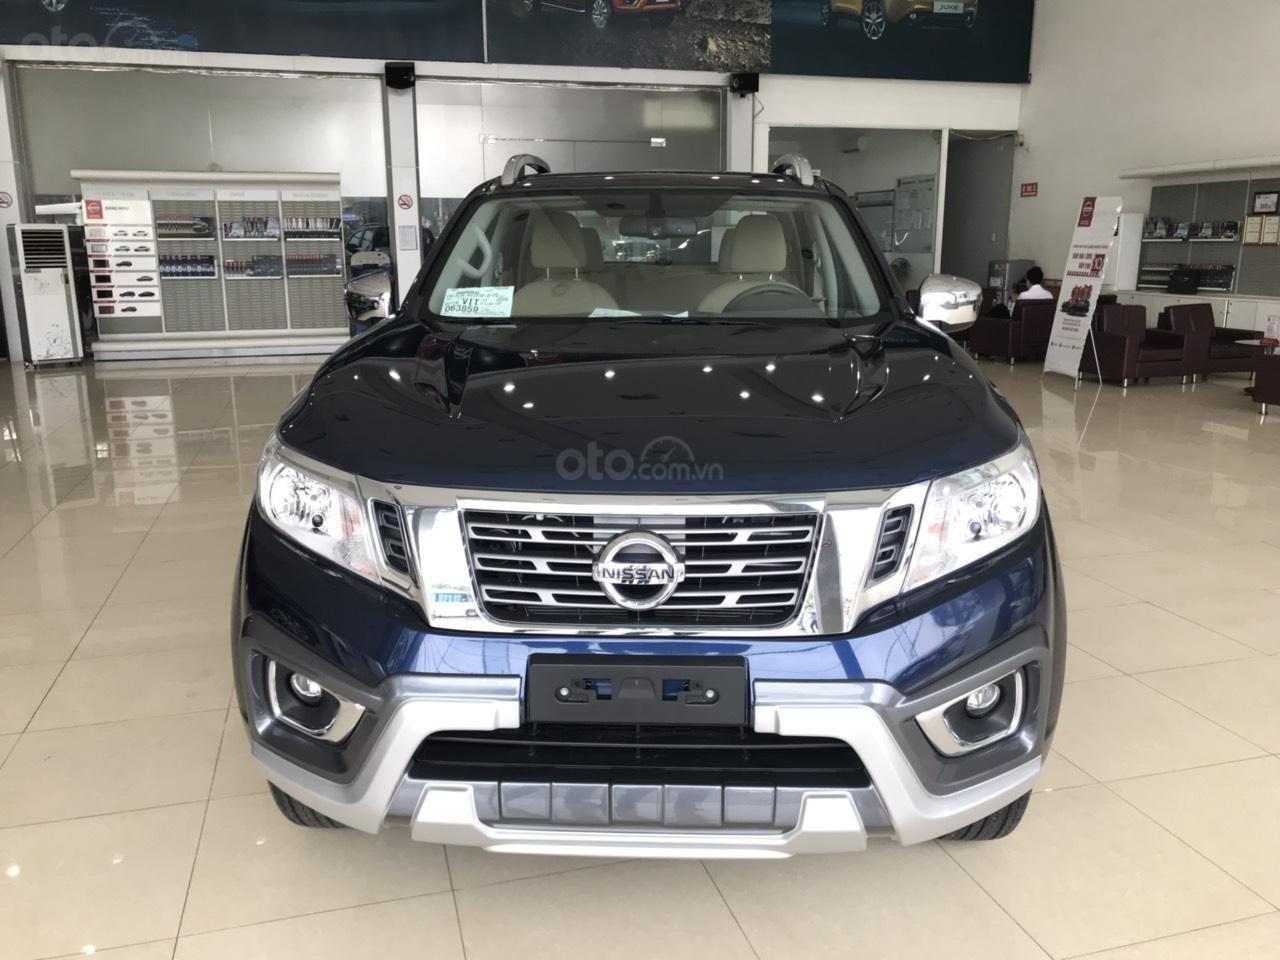 Bán tải Nissan Navara EL A-IVI 2019 vừa ra mắt có giá lăn bánh bao nhiêu? a2